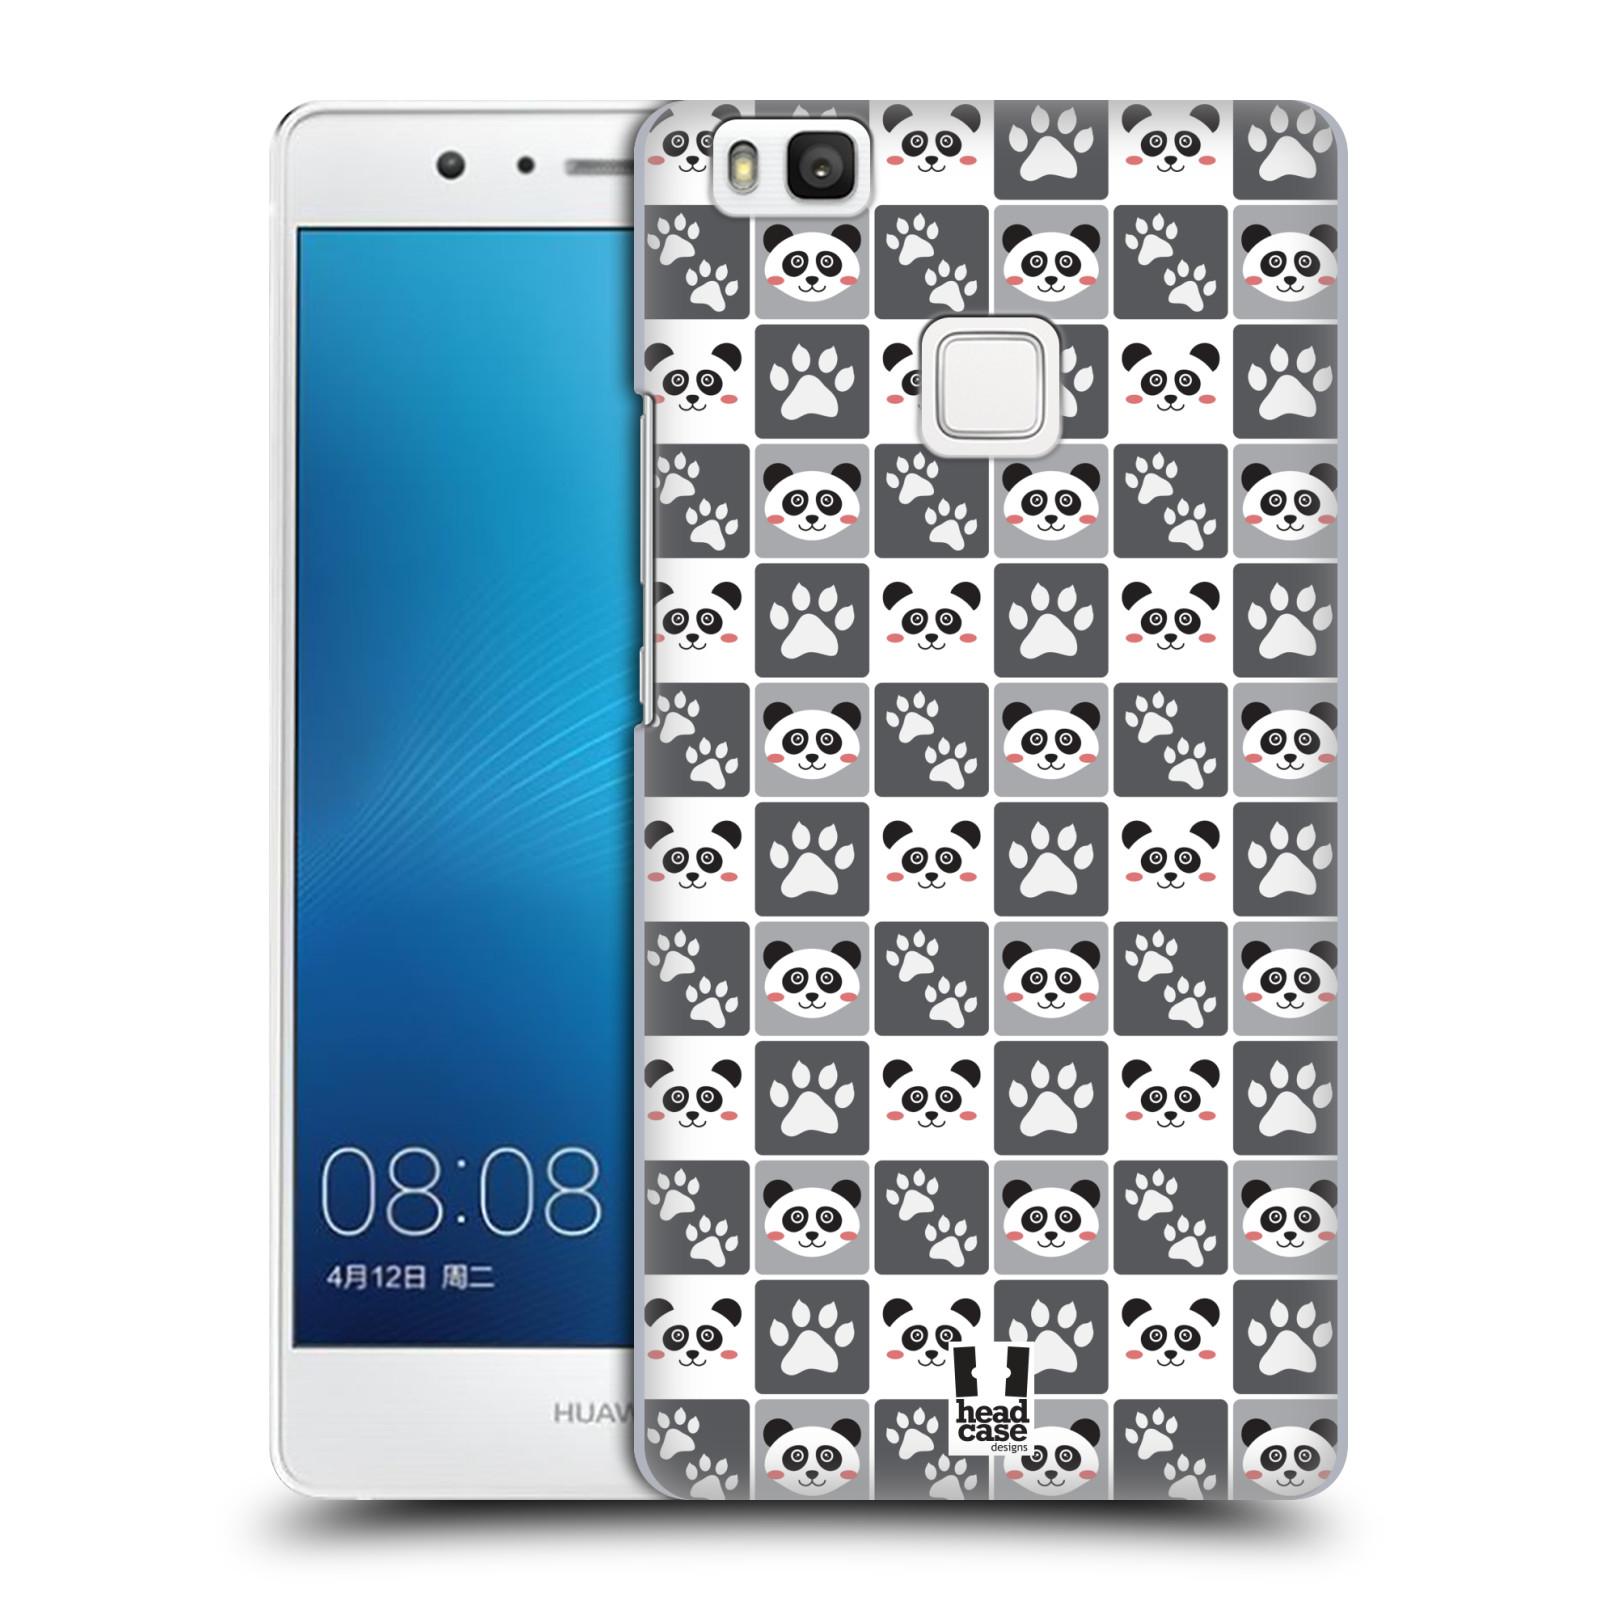 HEAD CASE plastový obal na mobil Huawei P9 LITE / P9 LITE DUAL SIM vzor Zvířecí razítka MEDVÍDEK PANDA